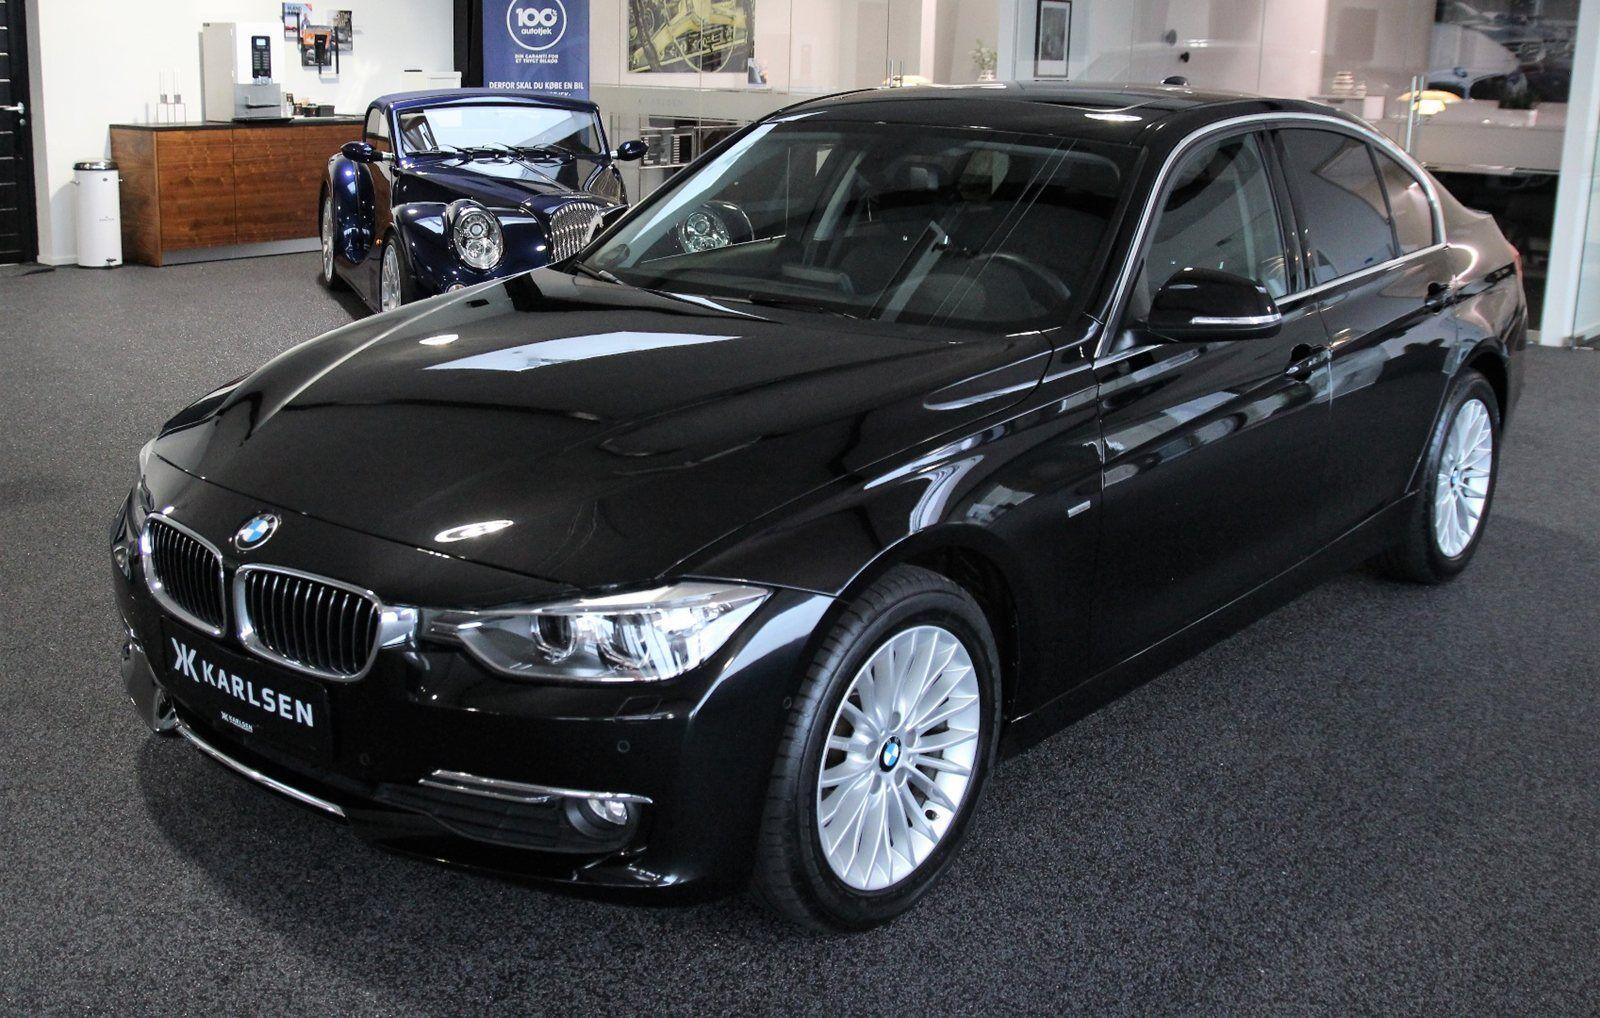 BMW 318d 2,0 Luxury Line aut. 4d - 269.900 kr.